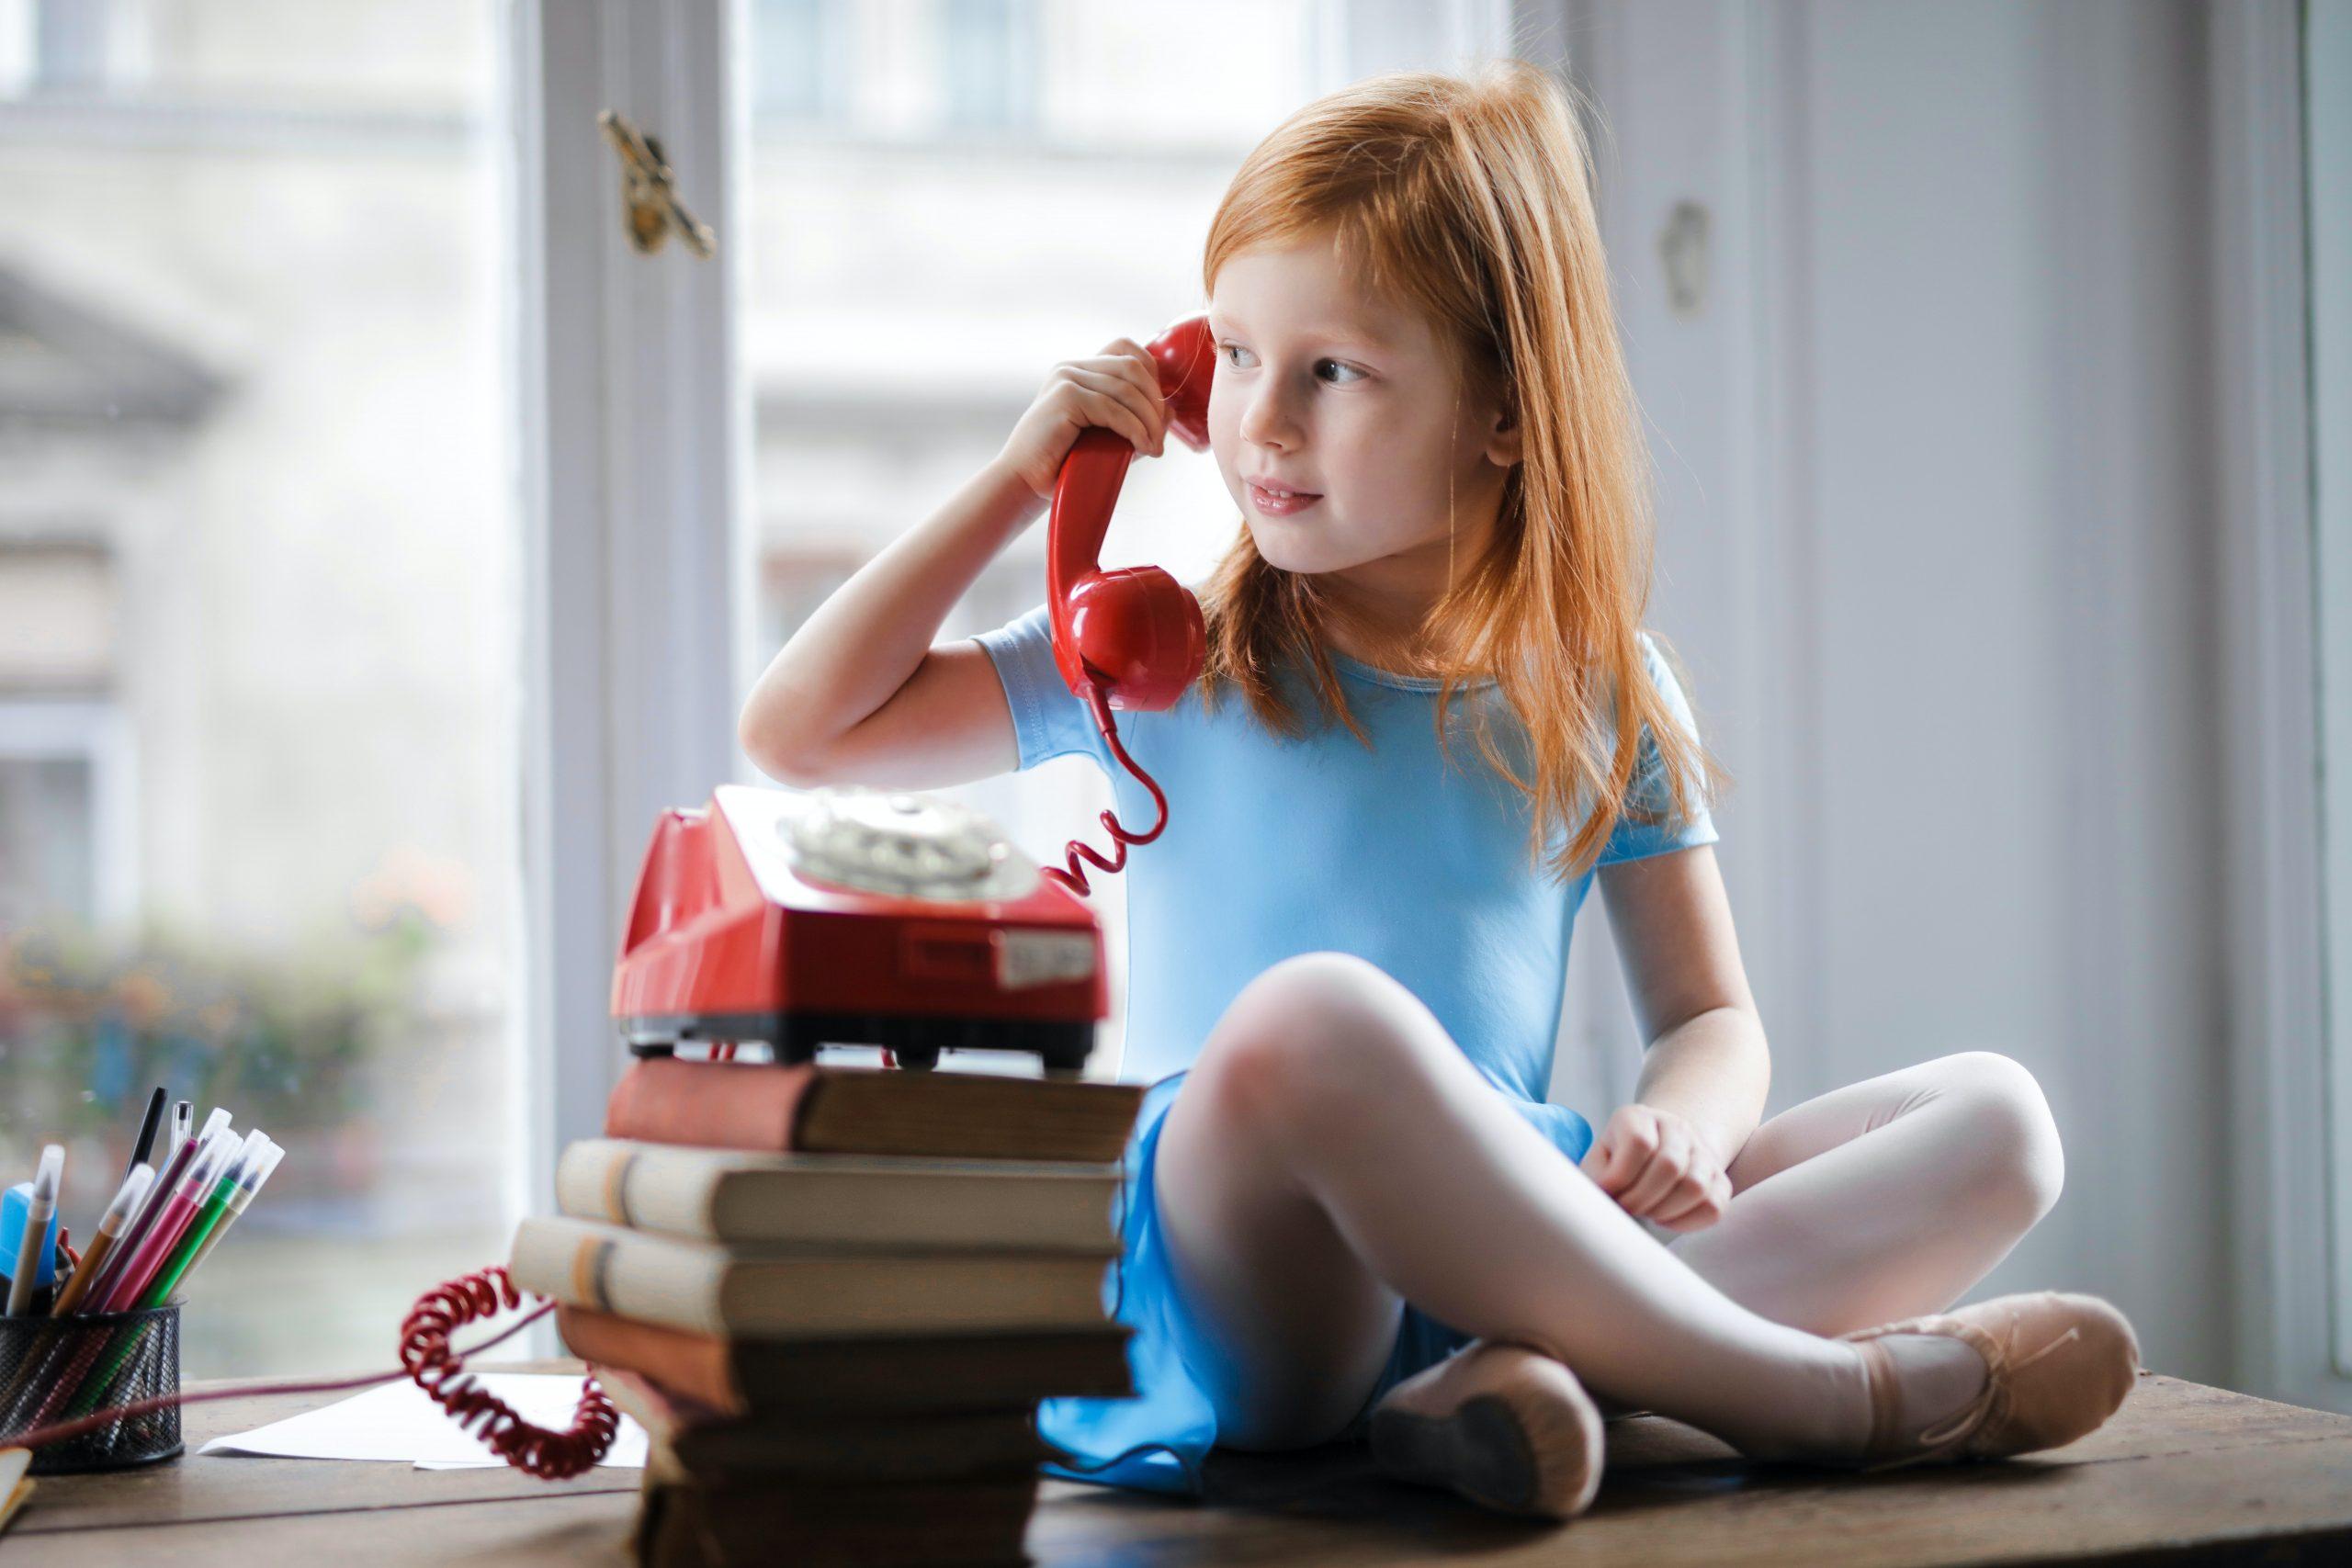 Kid on phone